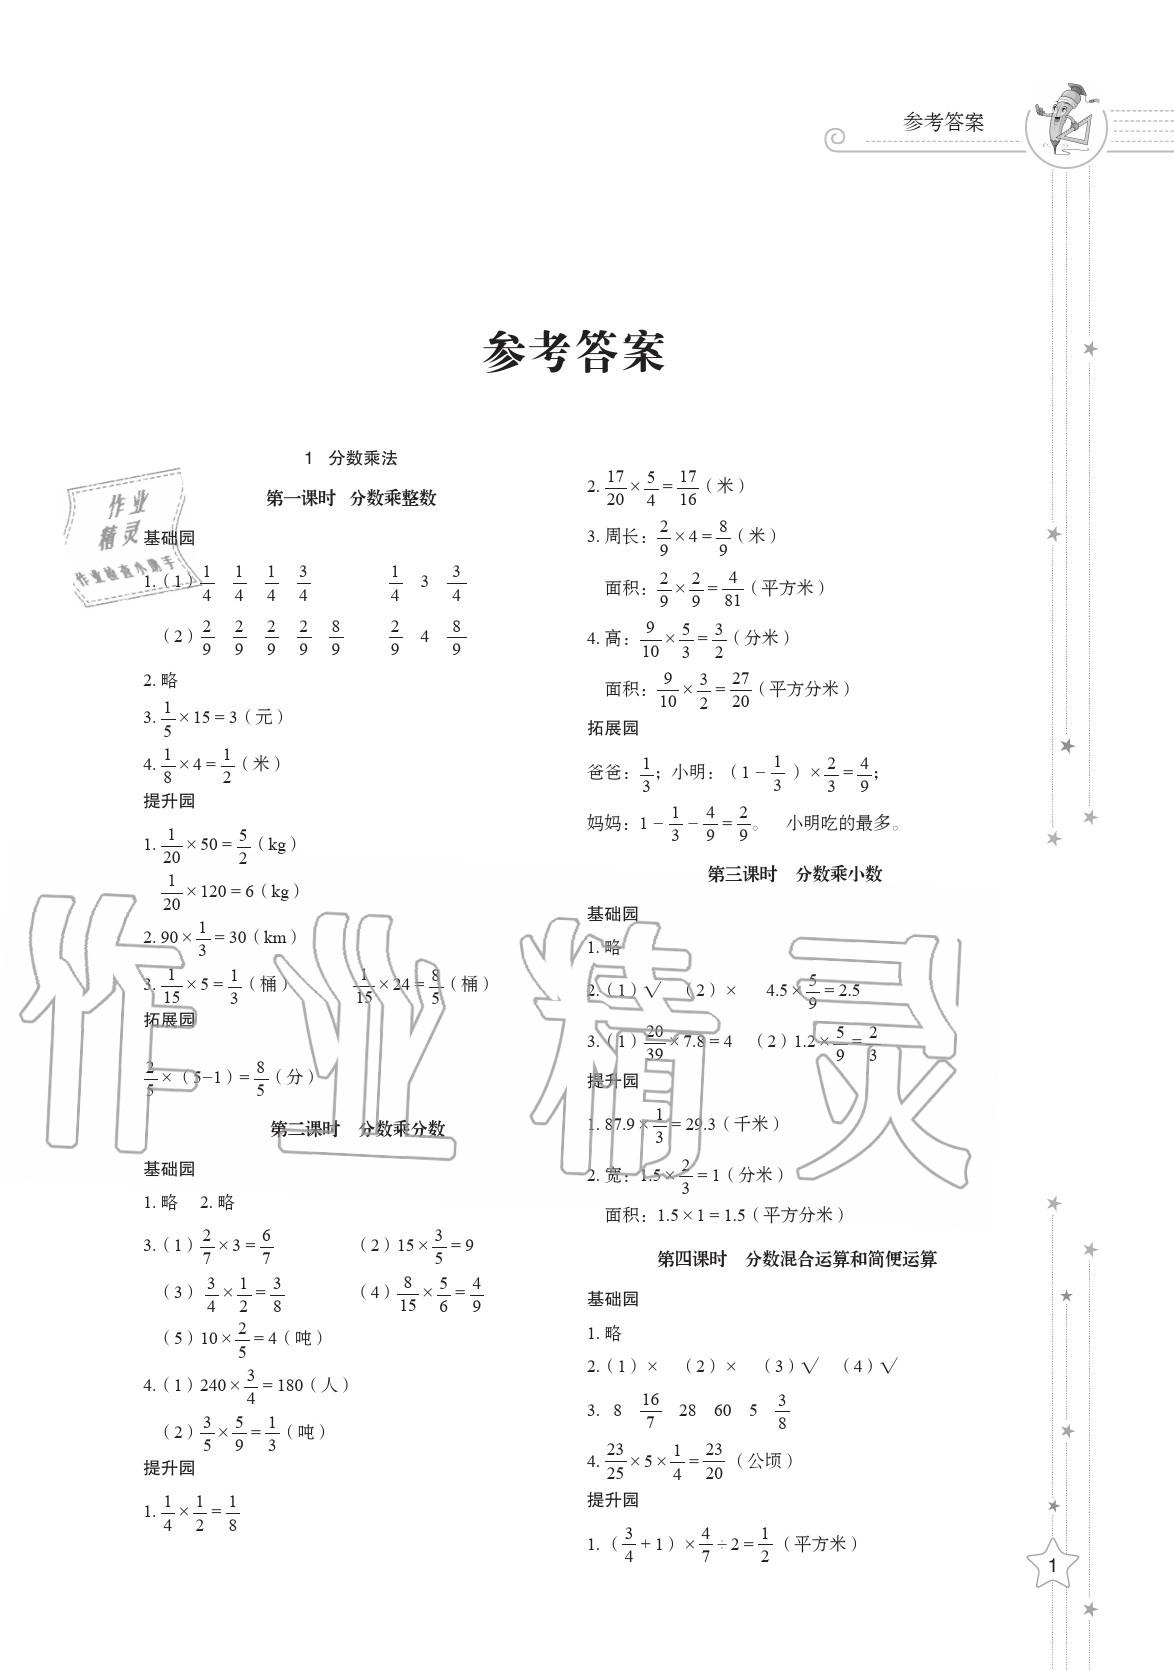 2020年小學同步練習冊六年級數學上冊人教版參考答案第1頁